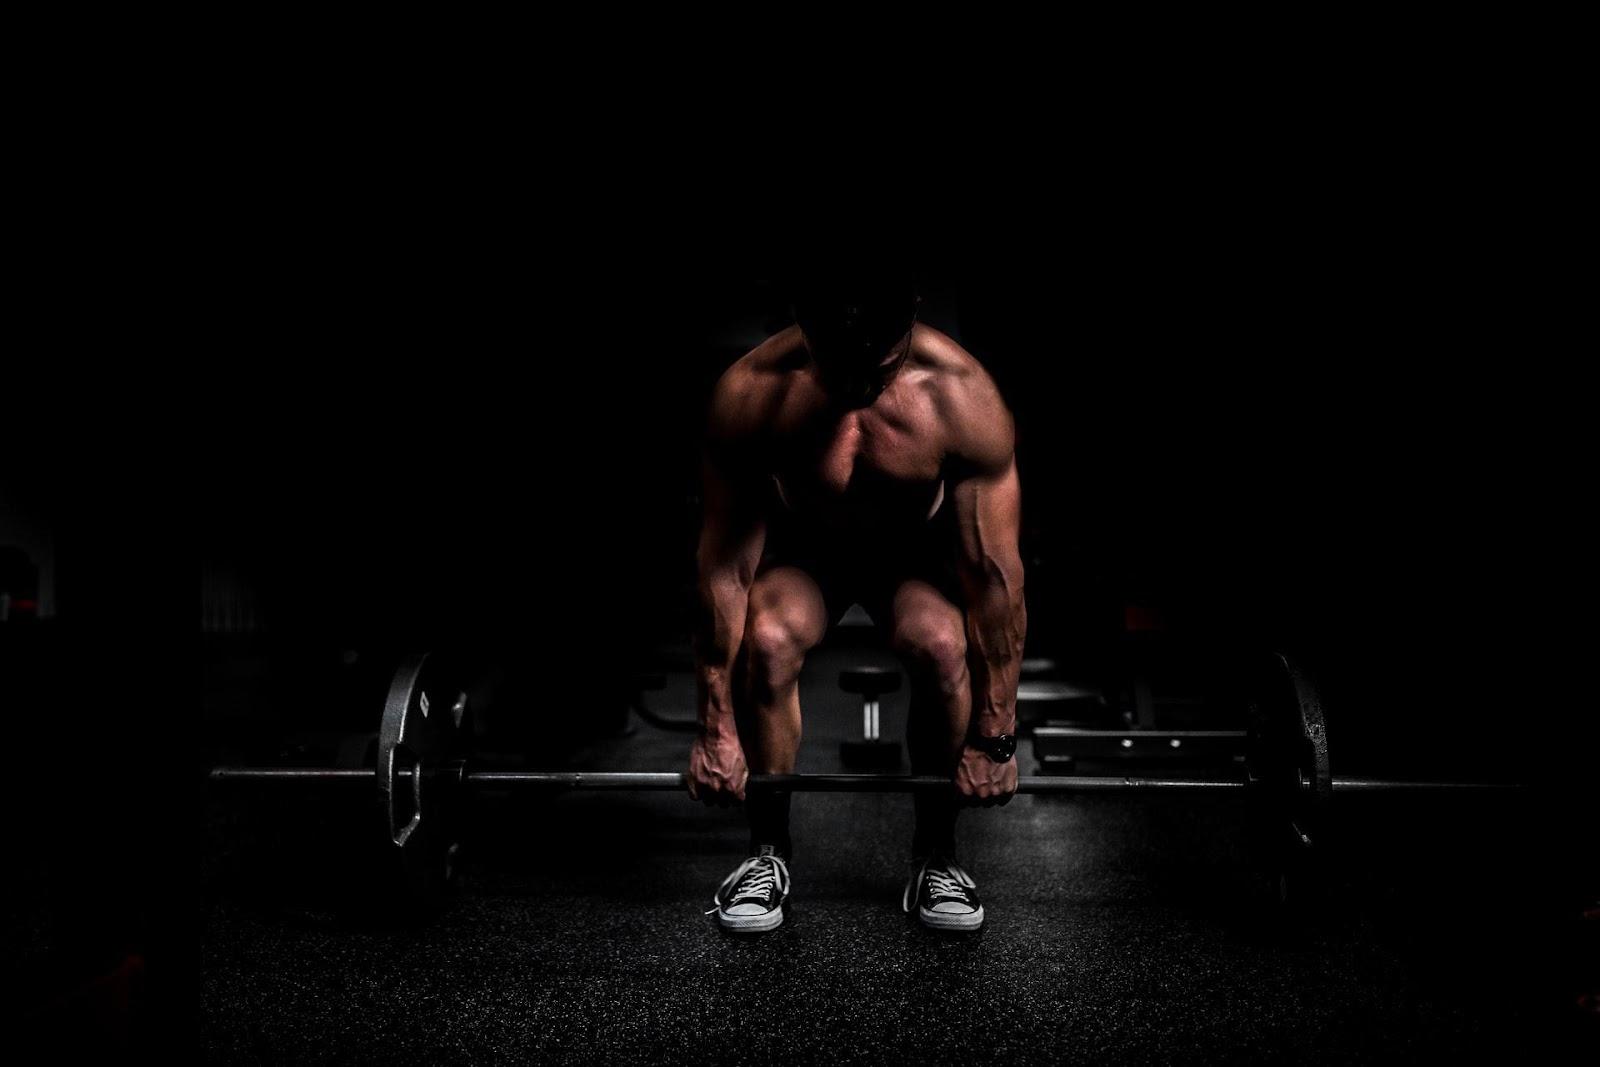 Tigers Shroffs workout routine